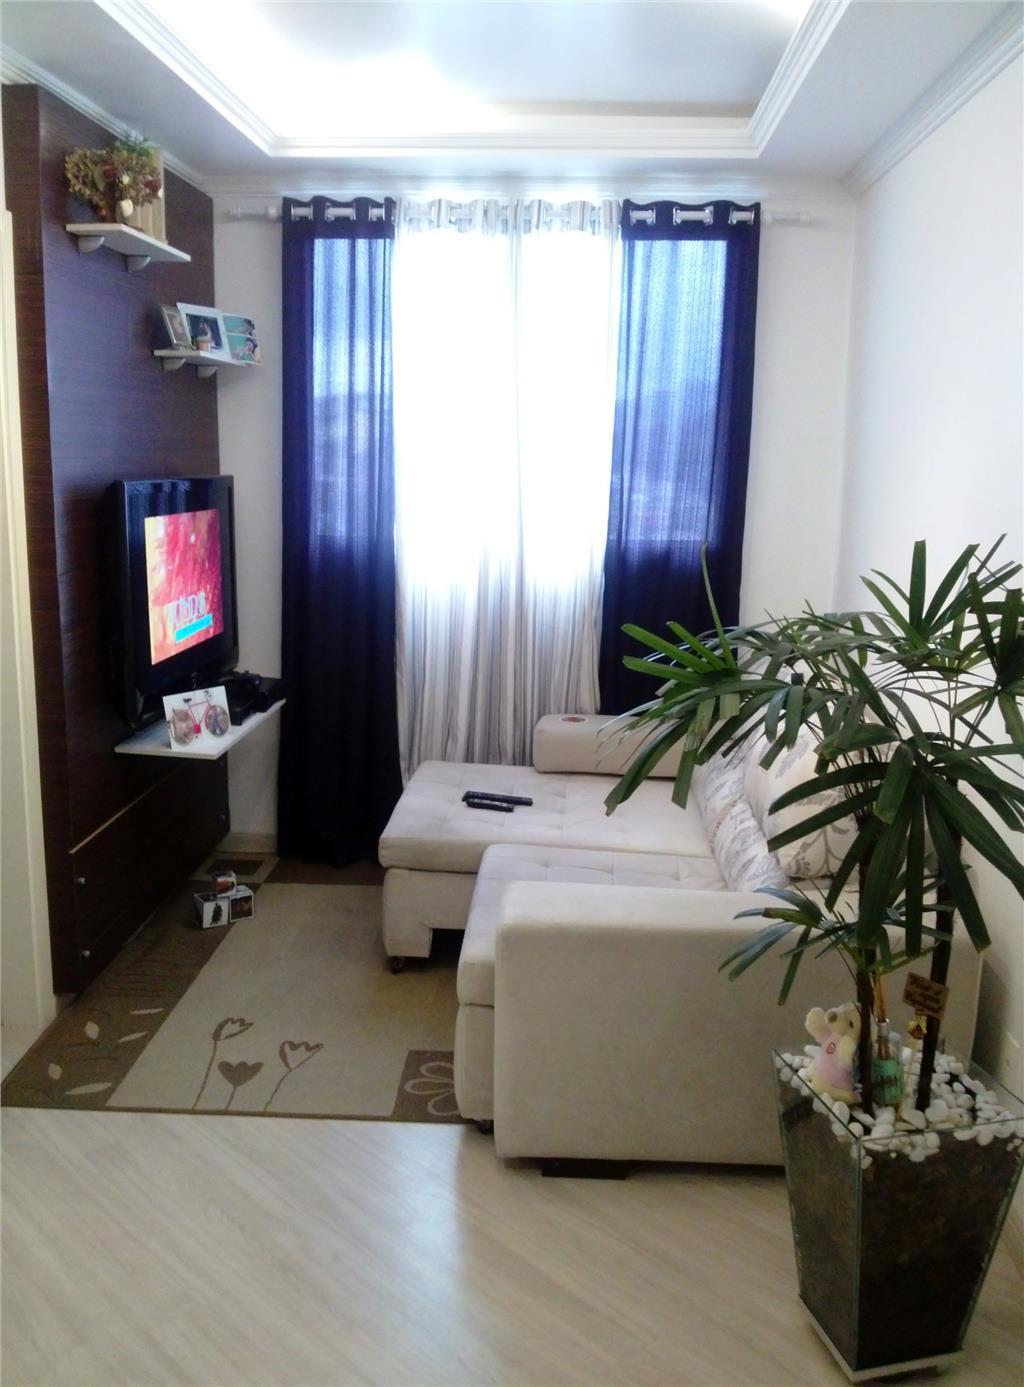 Excelente apartamento com garden, próximo ao Futuro shopping Cantareira (600)